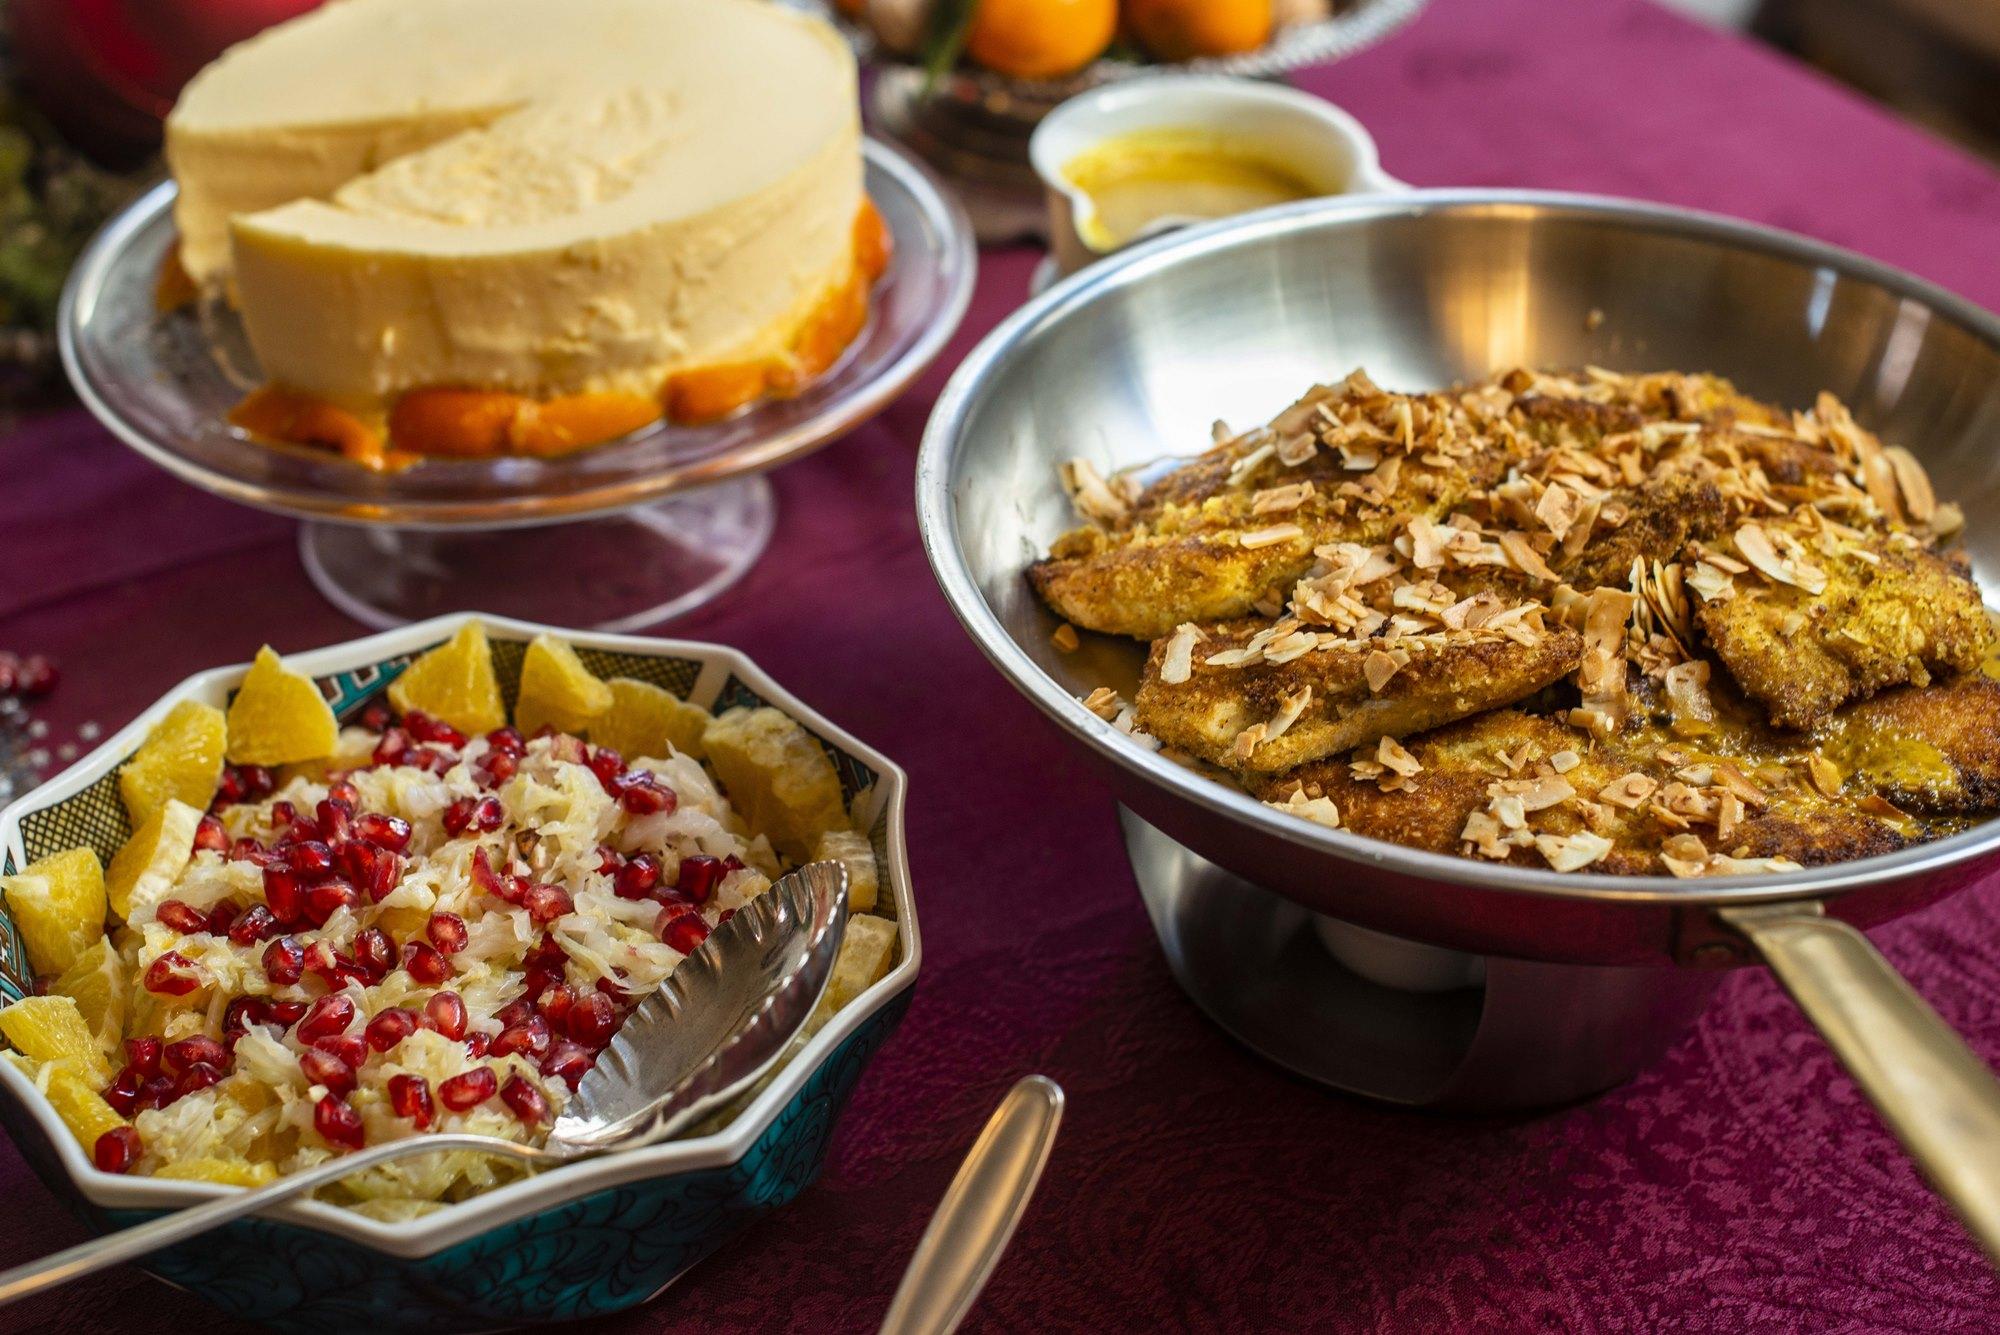 Es importante que los platos sean variados, desde ensaladas hasta algún tipo de carne.